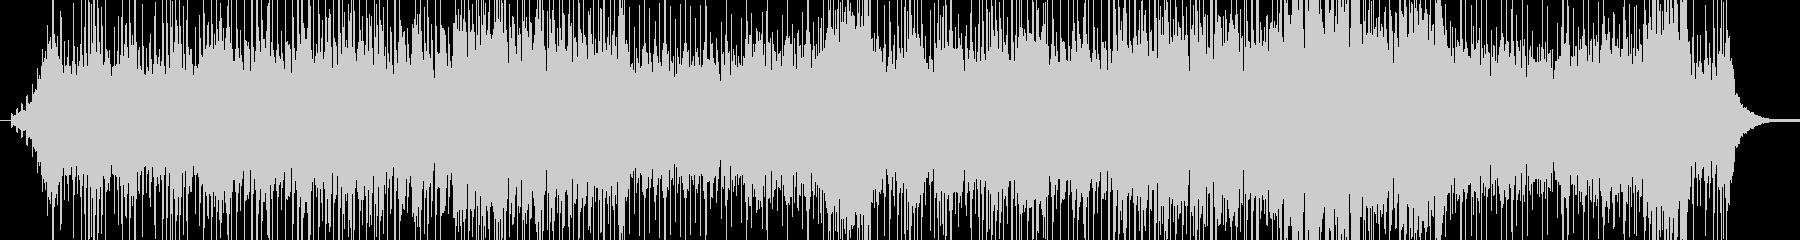 太鼓の重い音楽の未再生の波形